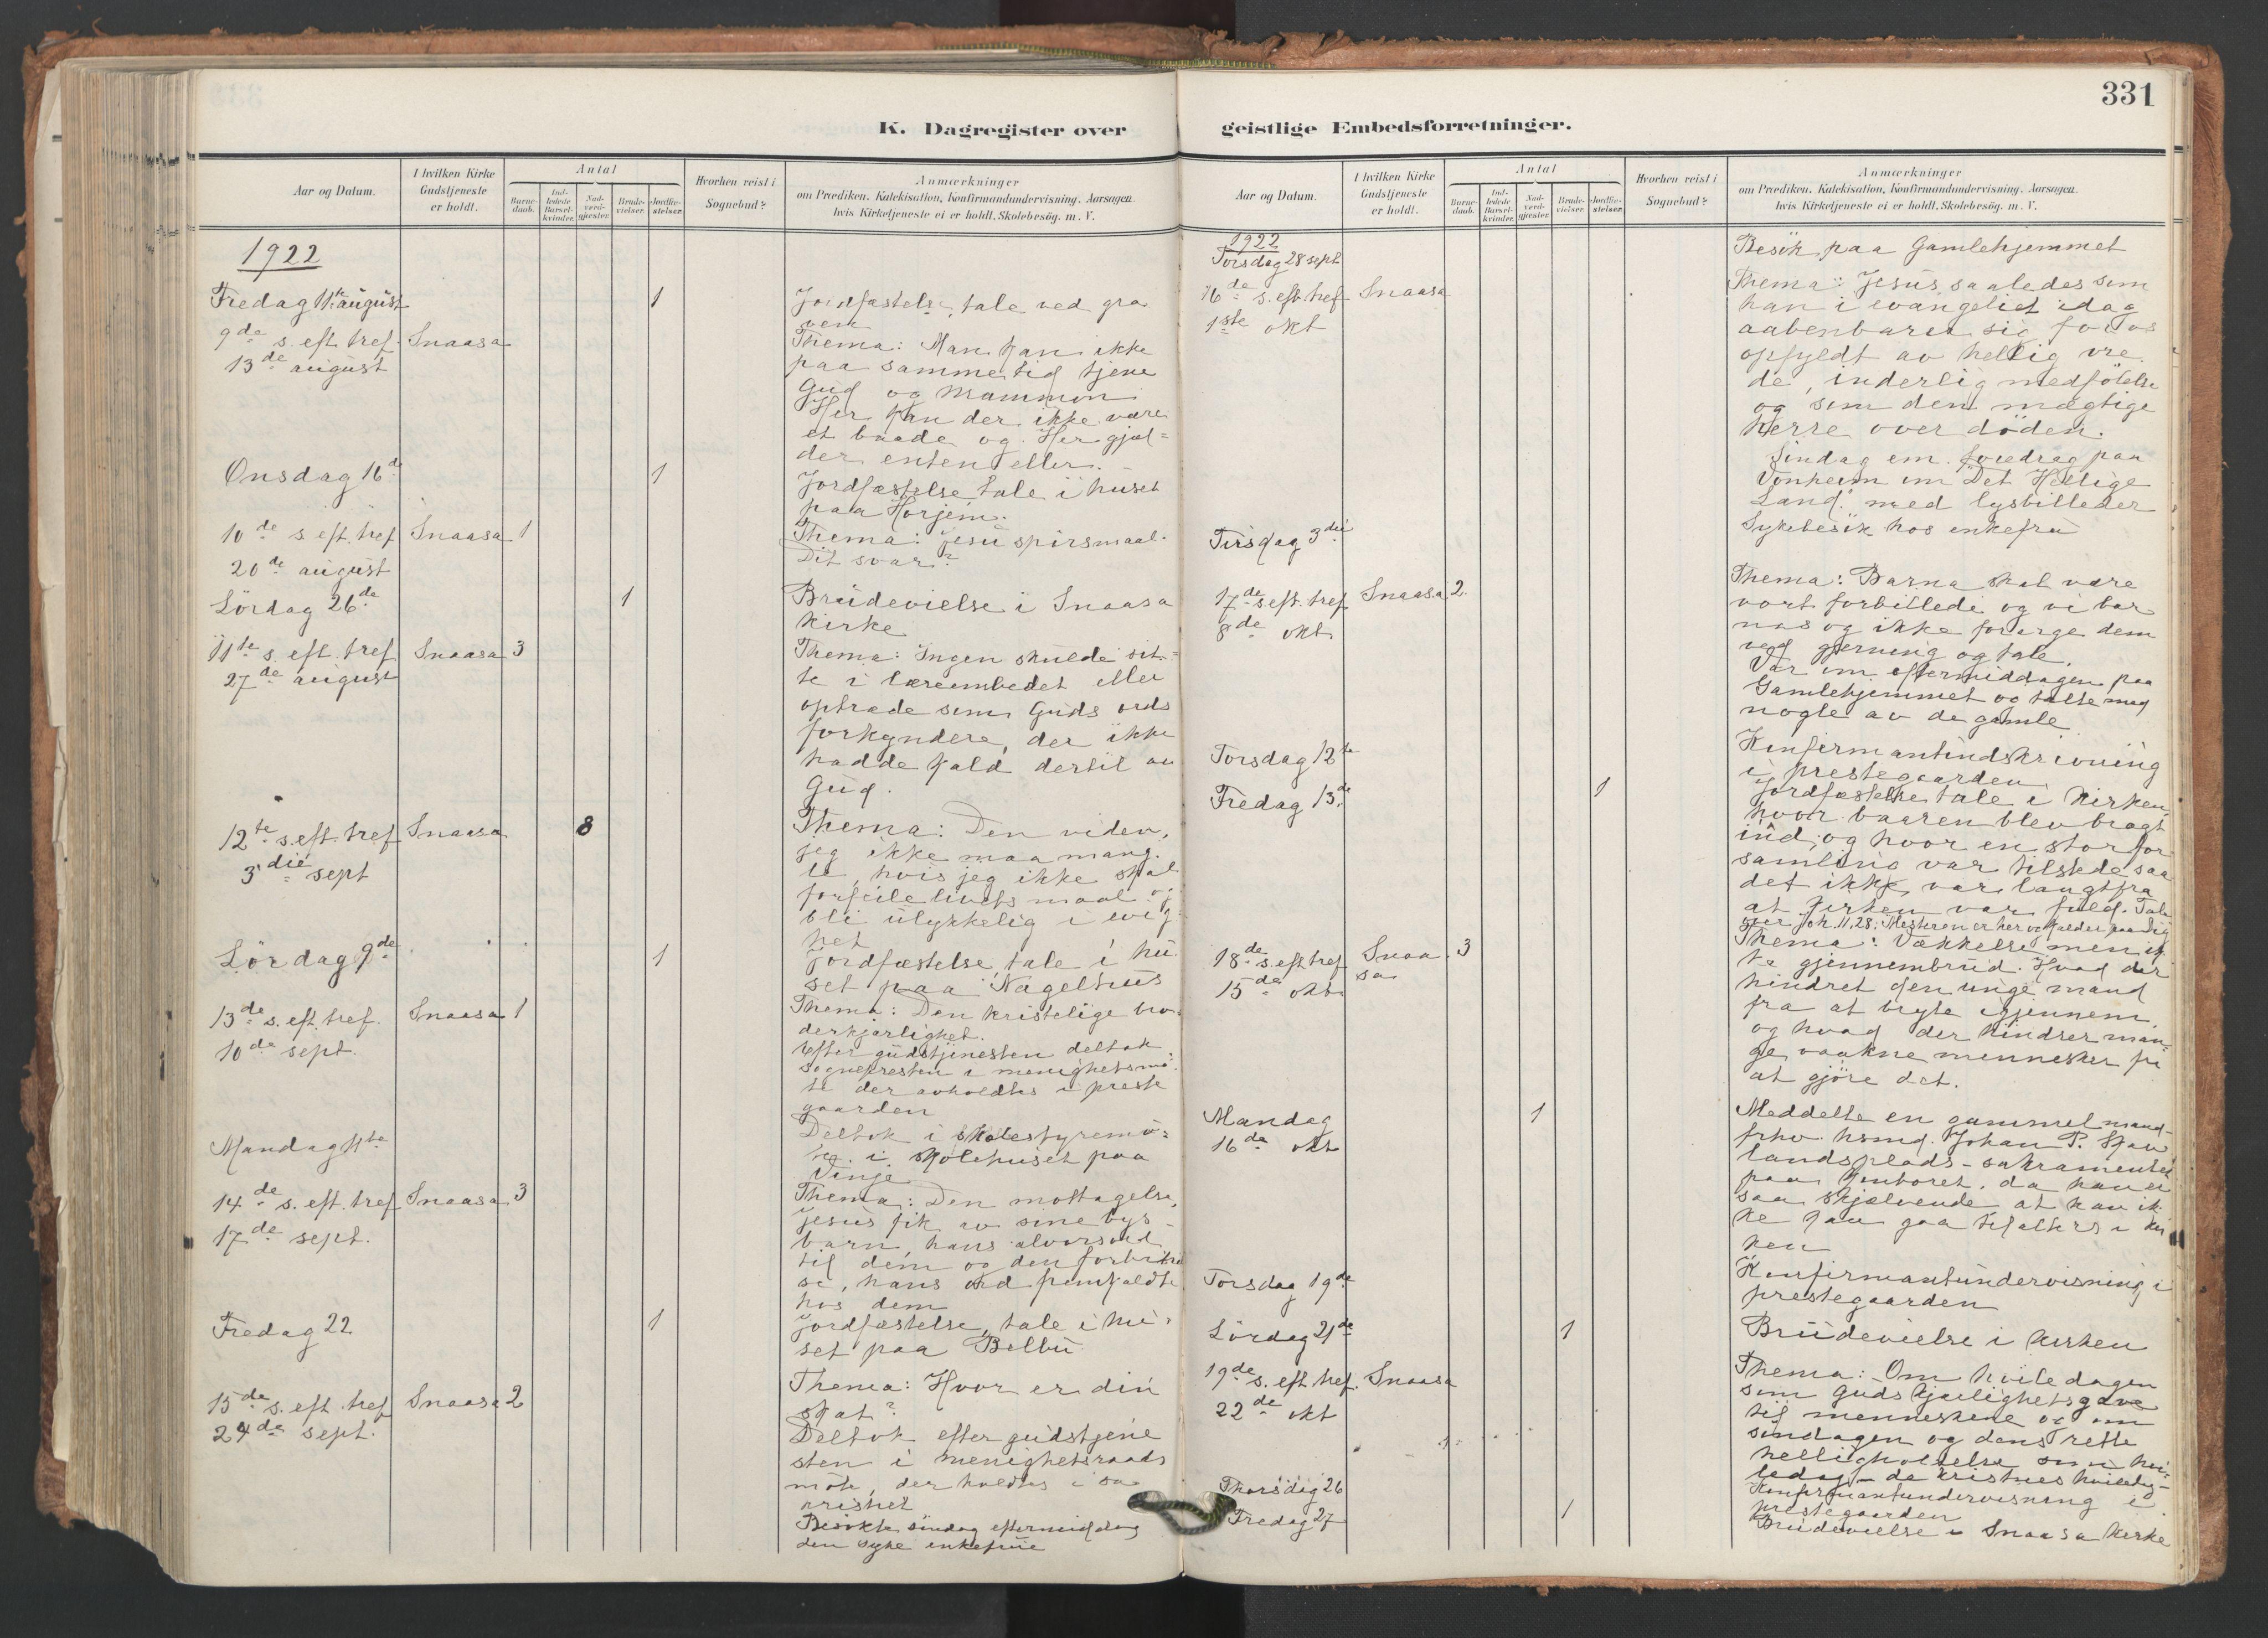 SAT, Ministerialprotokoller, klokkerbøker og fødselsregistre - Nord-Trøndelag, 749/L0477: Ministerialbok nr. 749A11, 1902-1927, s. 331